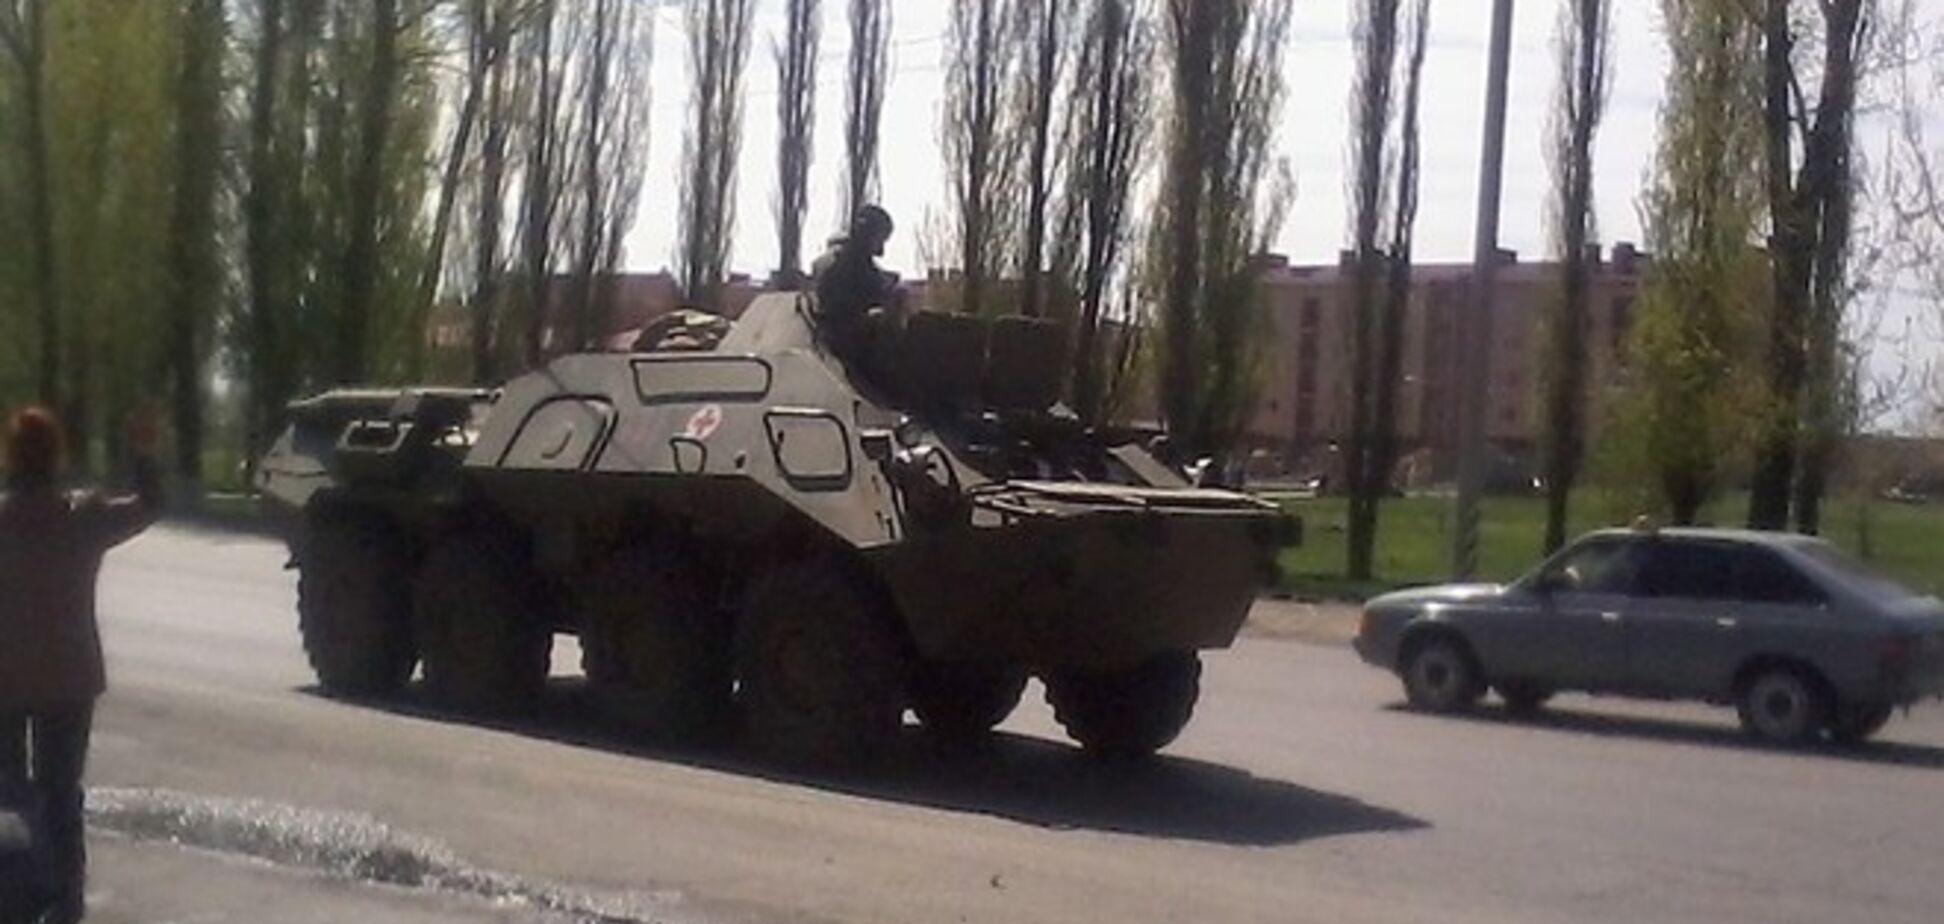 Провокаторы под Артемовском требовали от военных сложить оружие – Минобороны